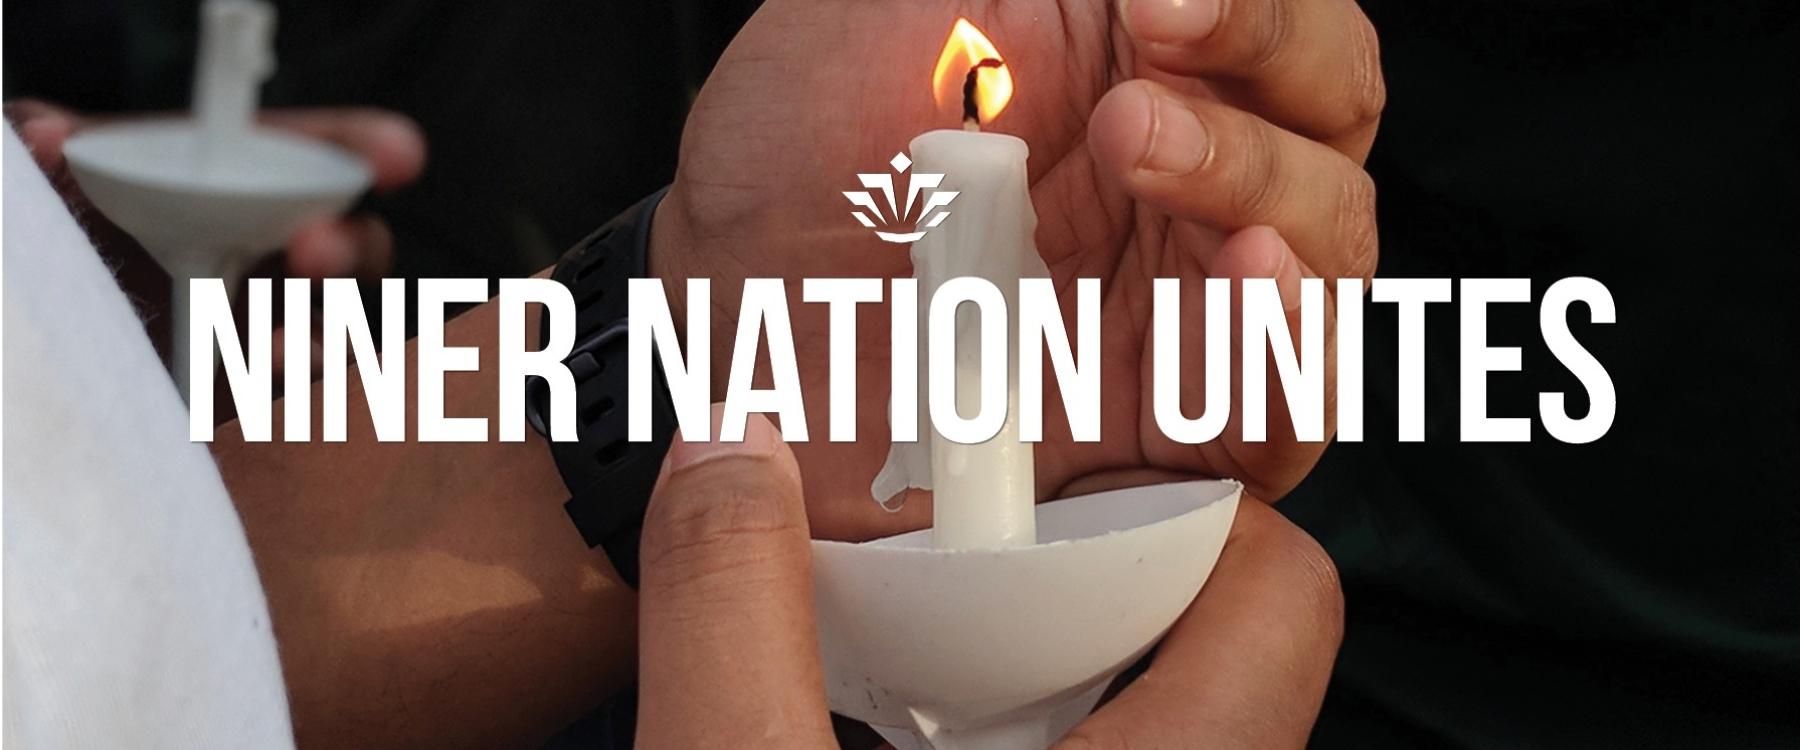 banner niner nation unites – 1